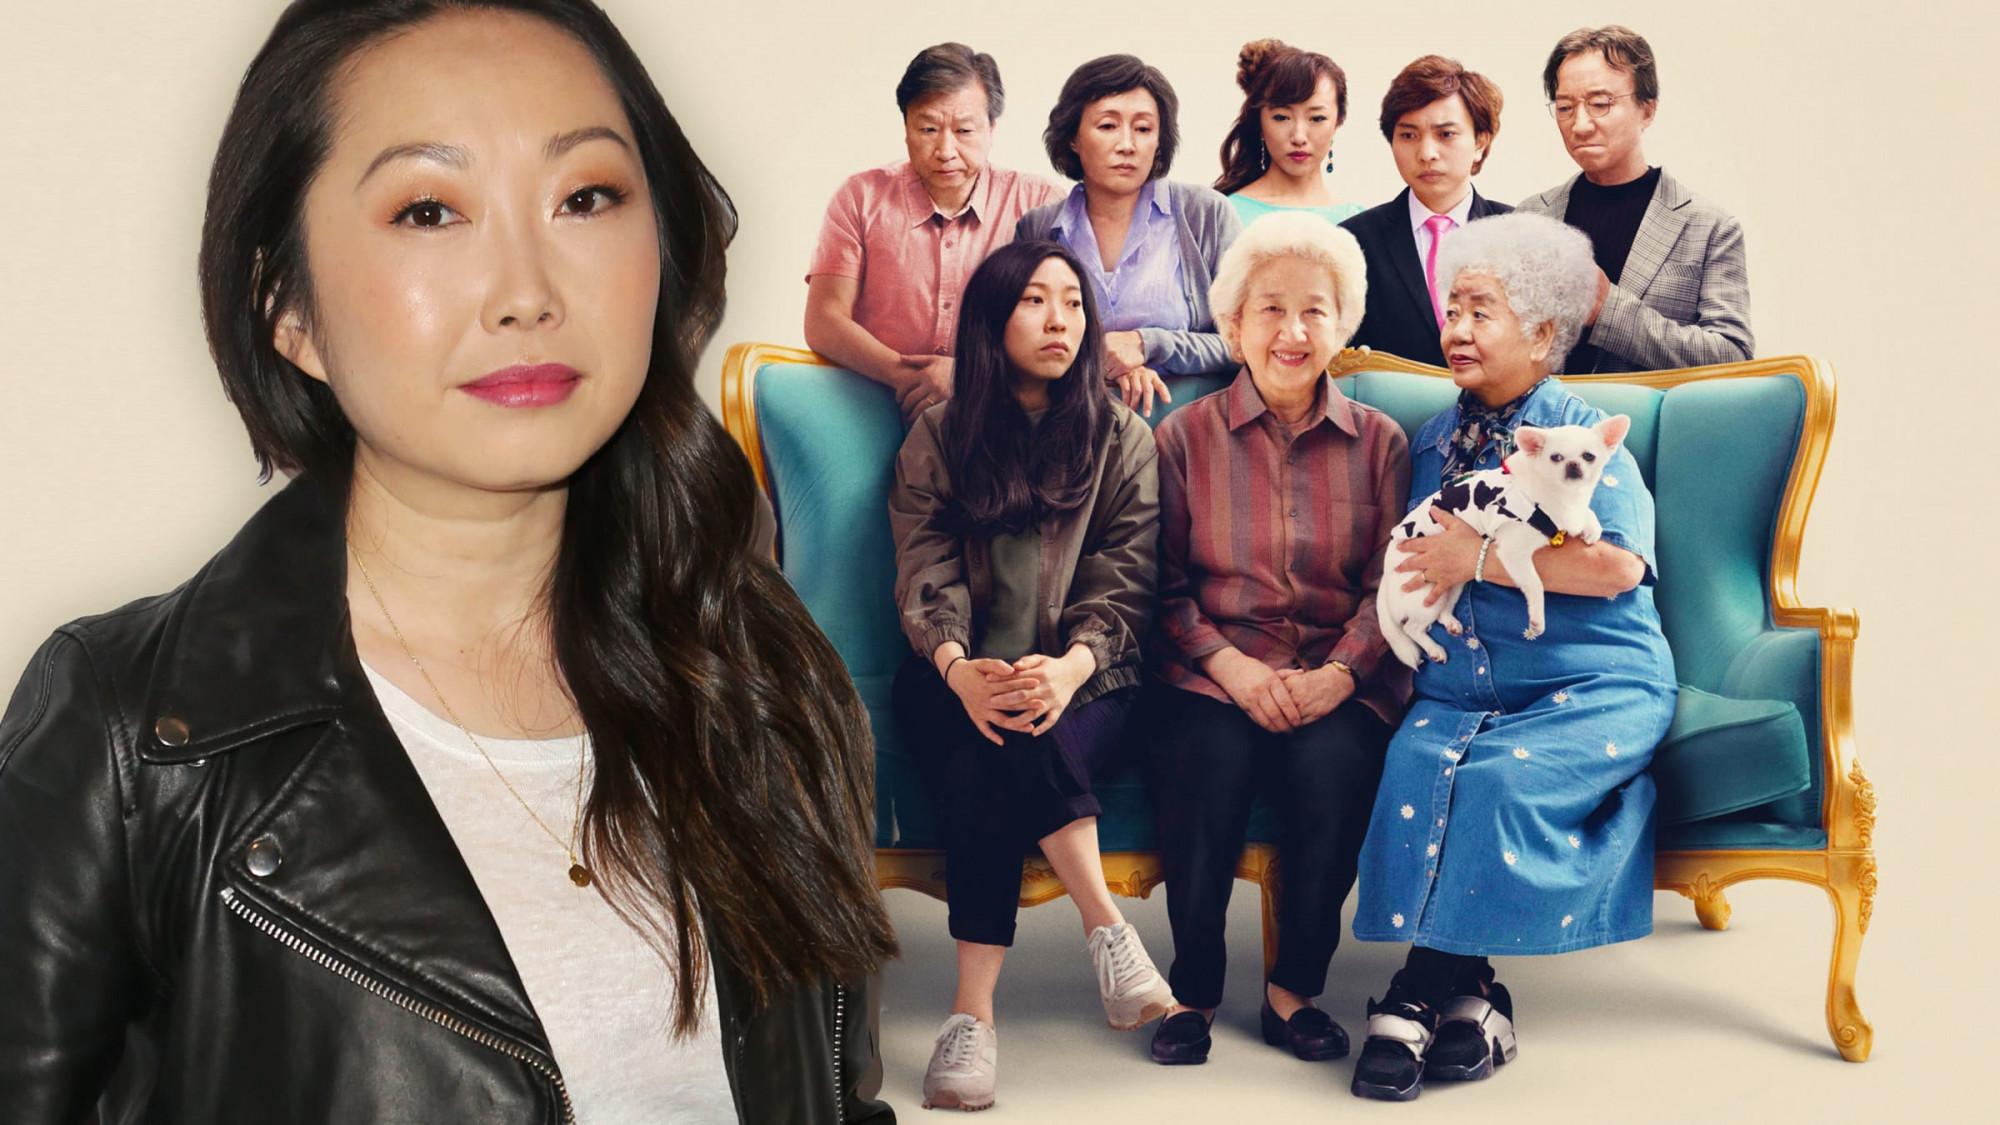 Nữ đạo diễn Lulu Wang và hình ảnh trong The Farewell.